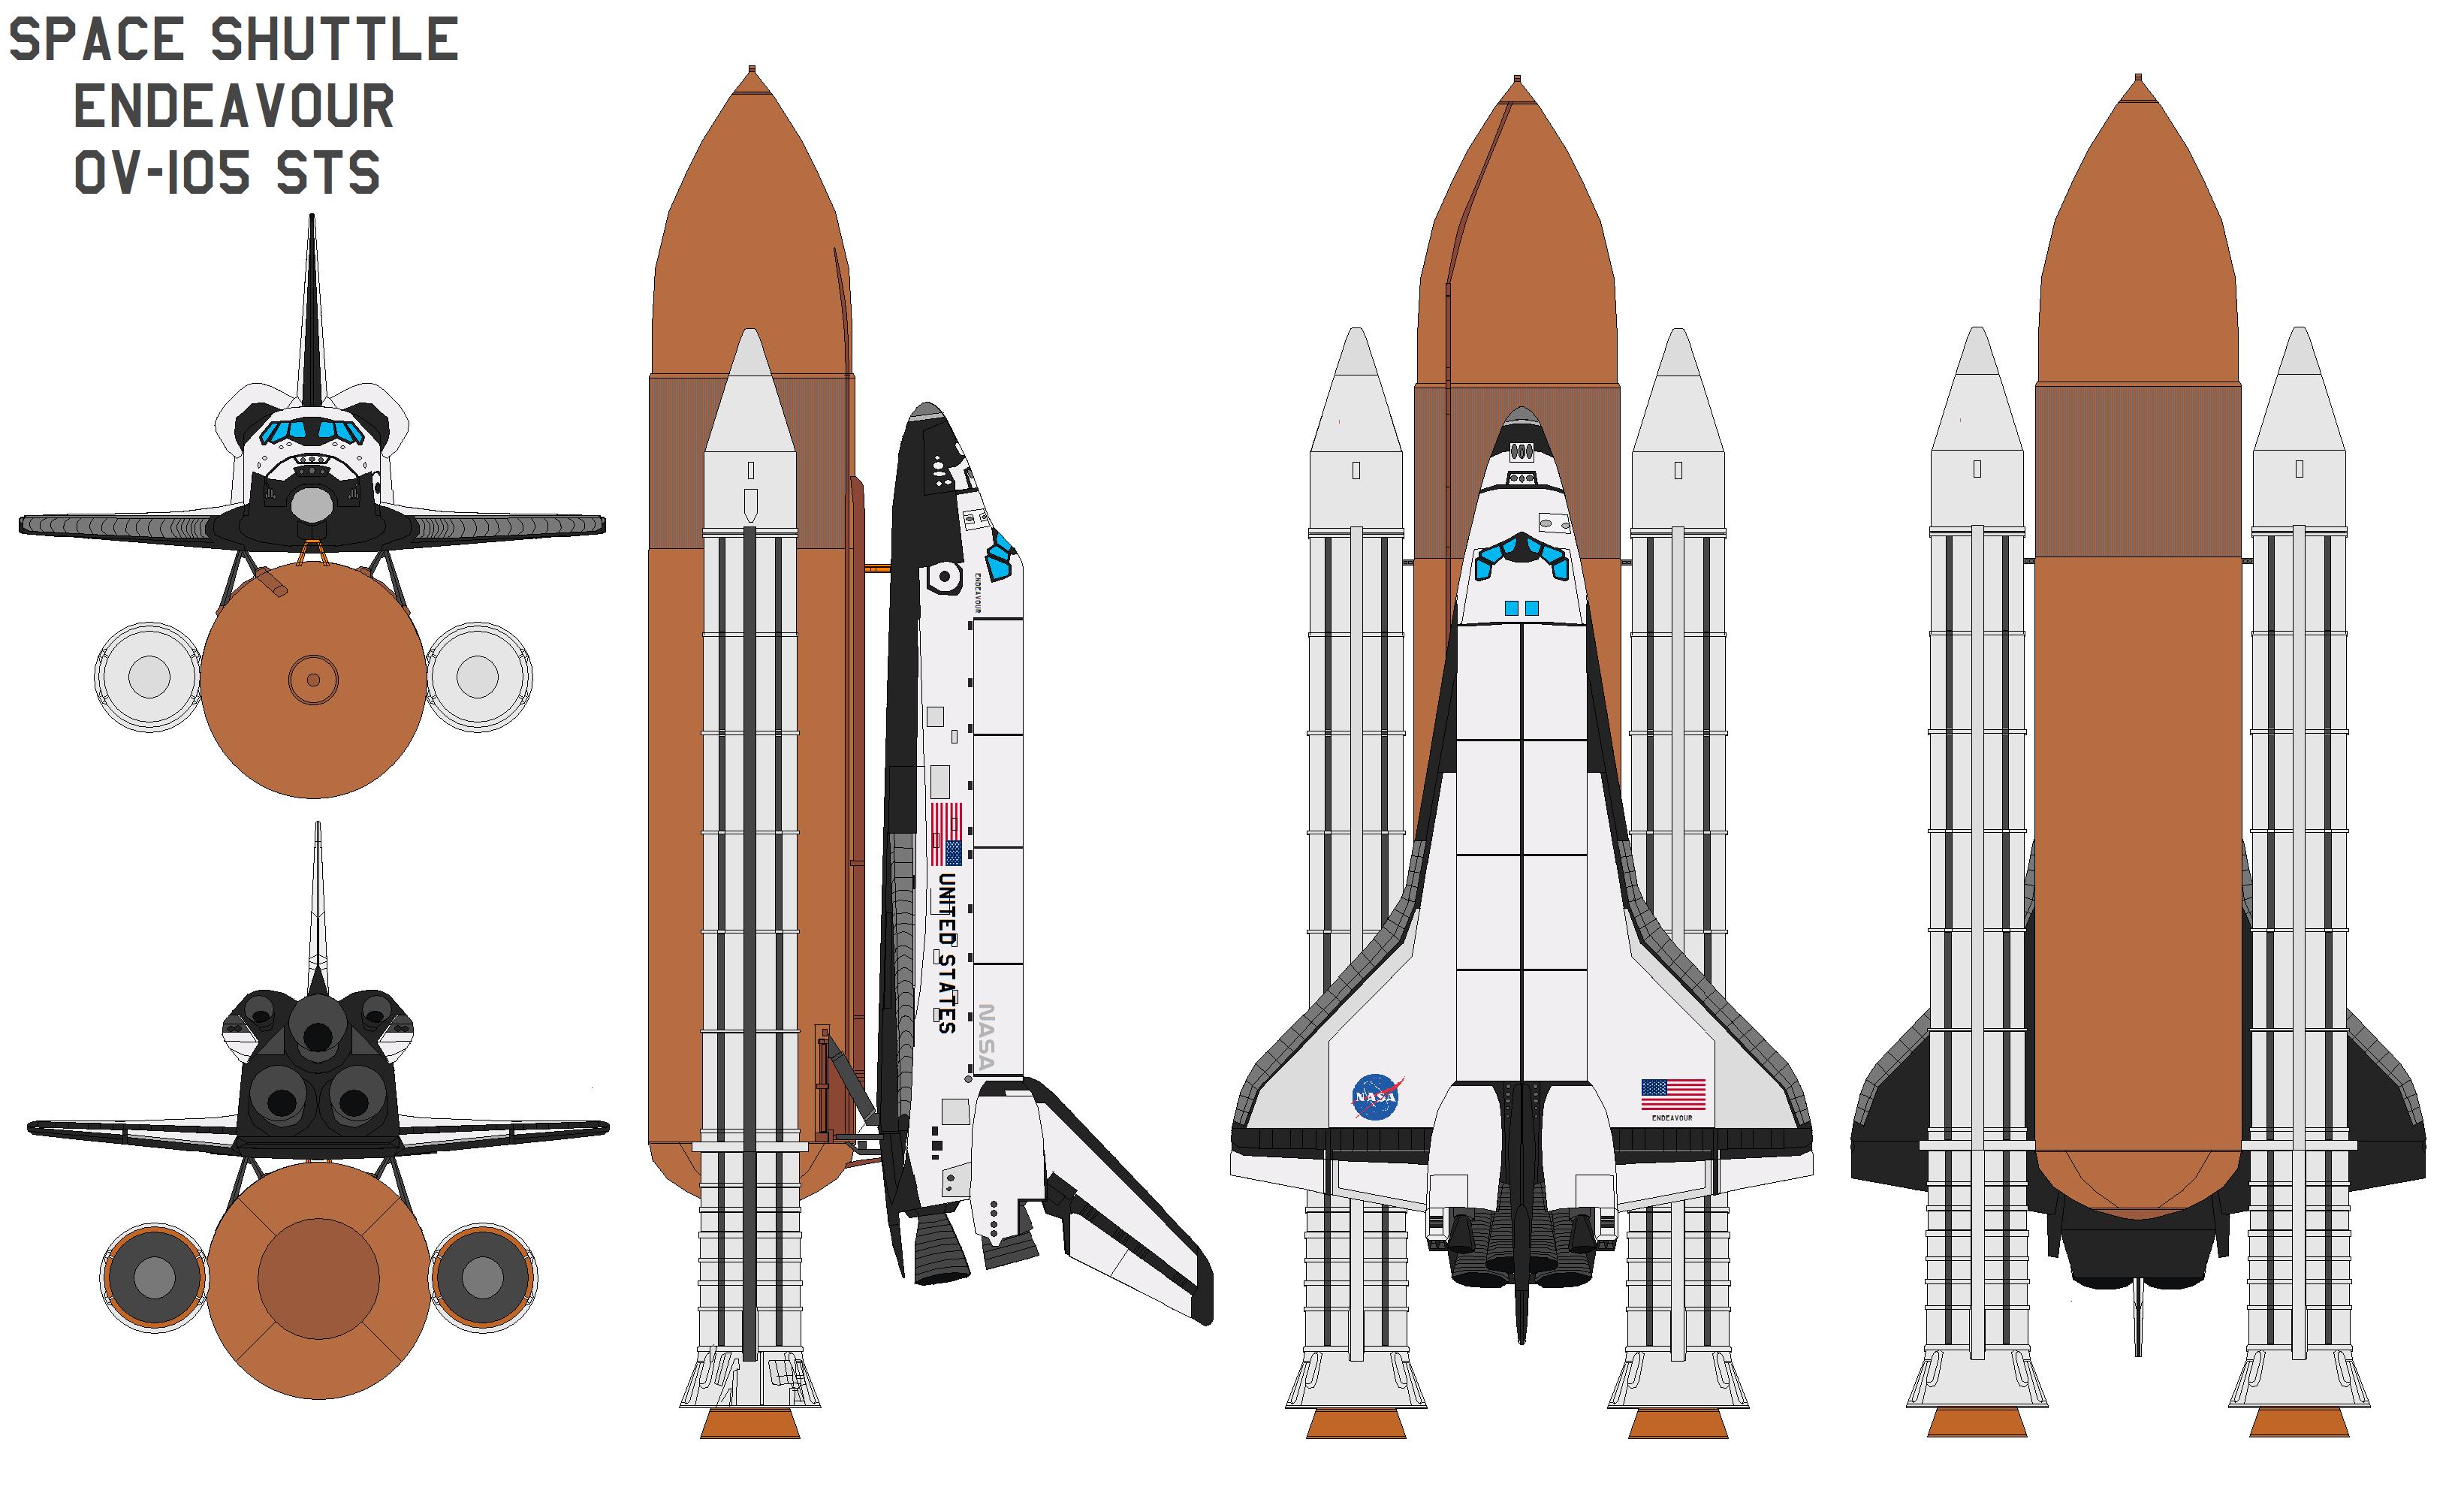 space shuttle endeavour crash - photo #24